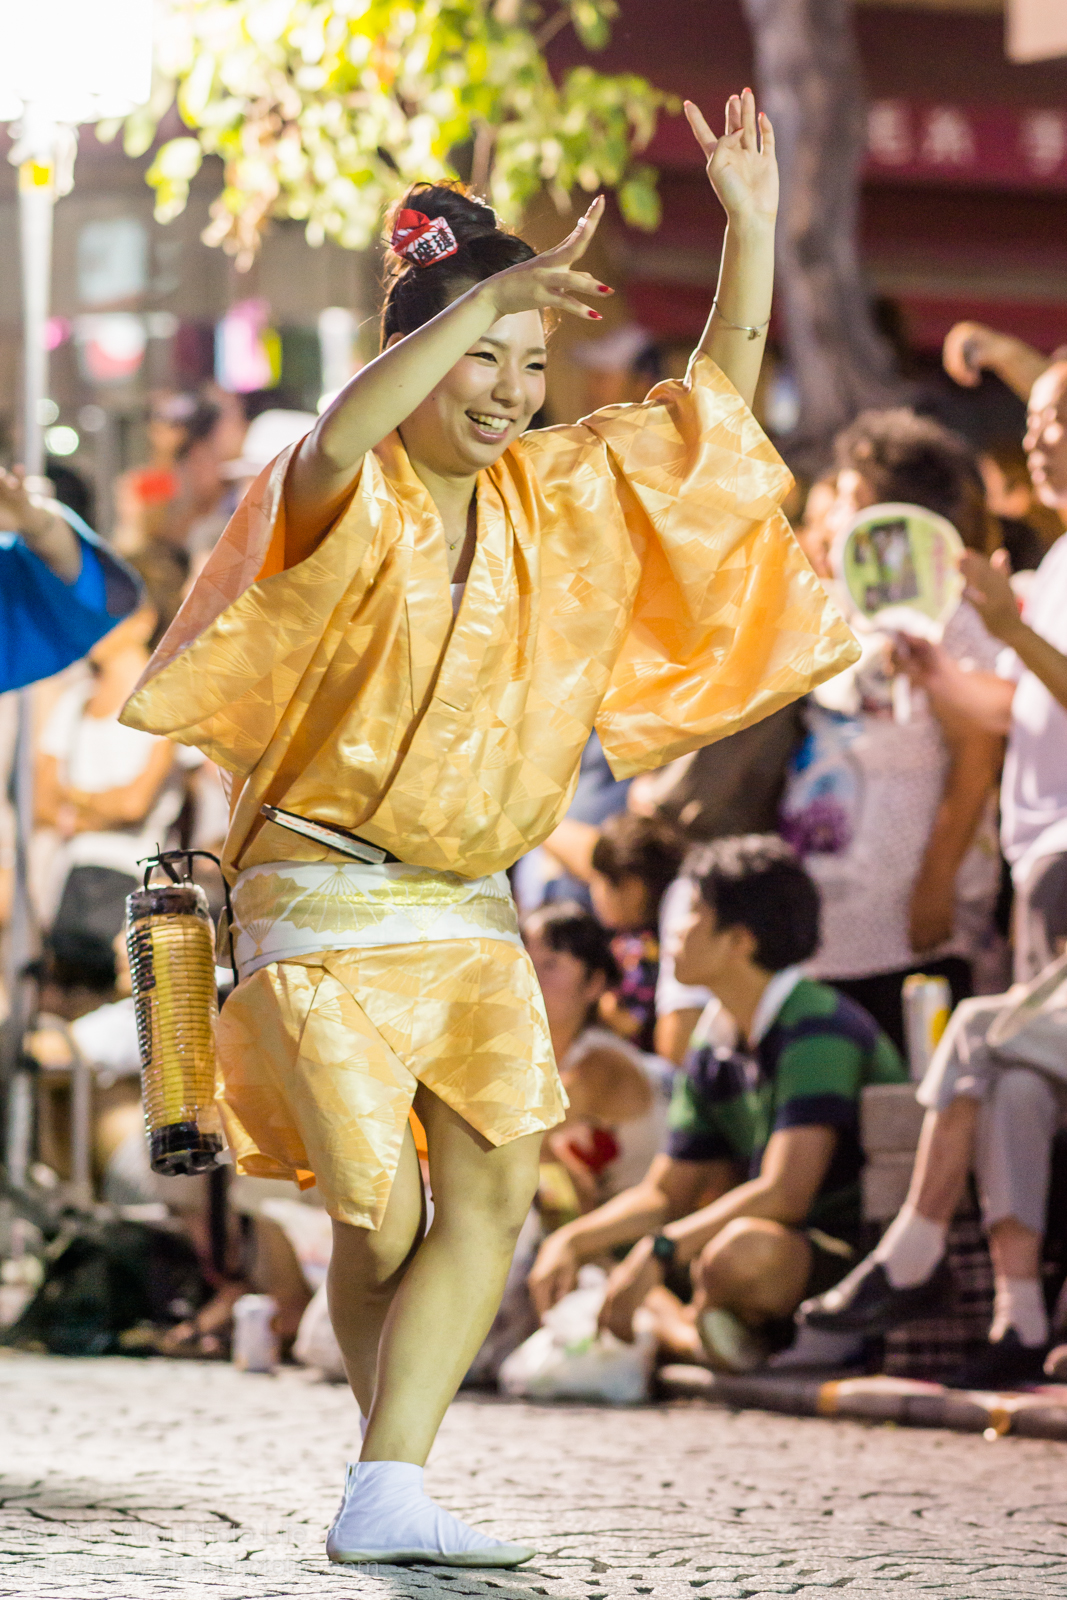 三鷹阿波踊り、みたか銀座連の女性の素手踊り